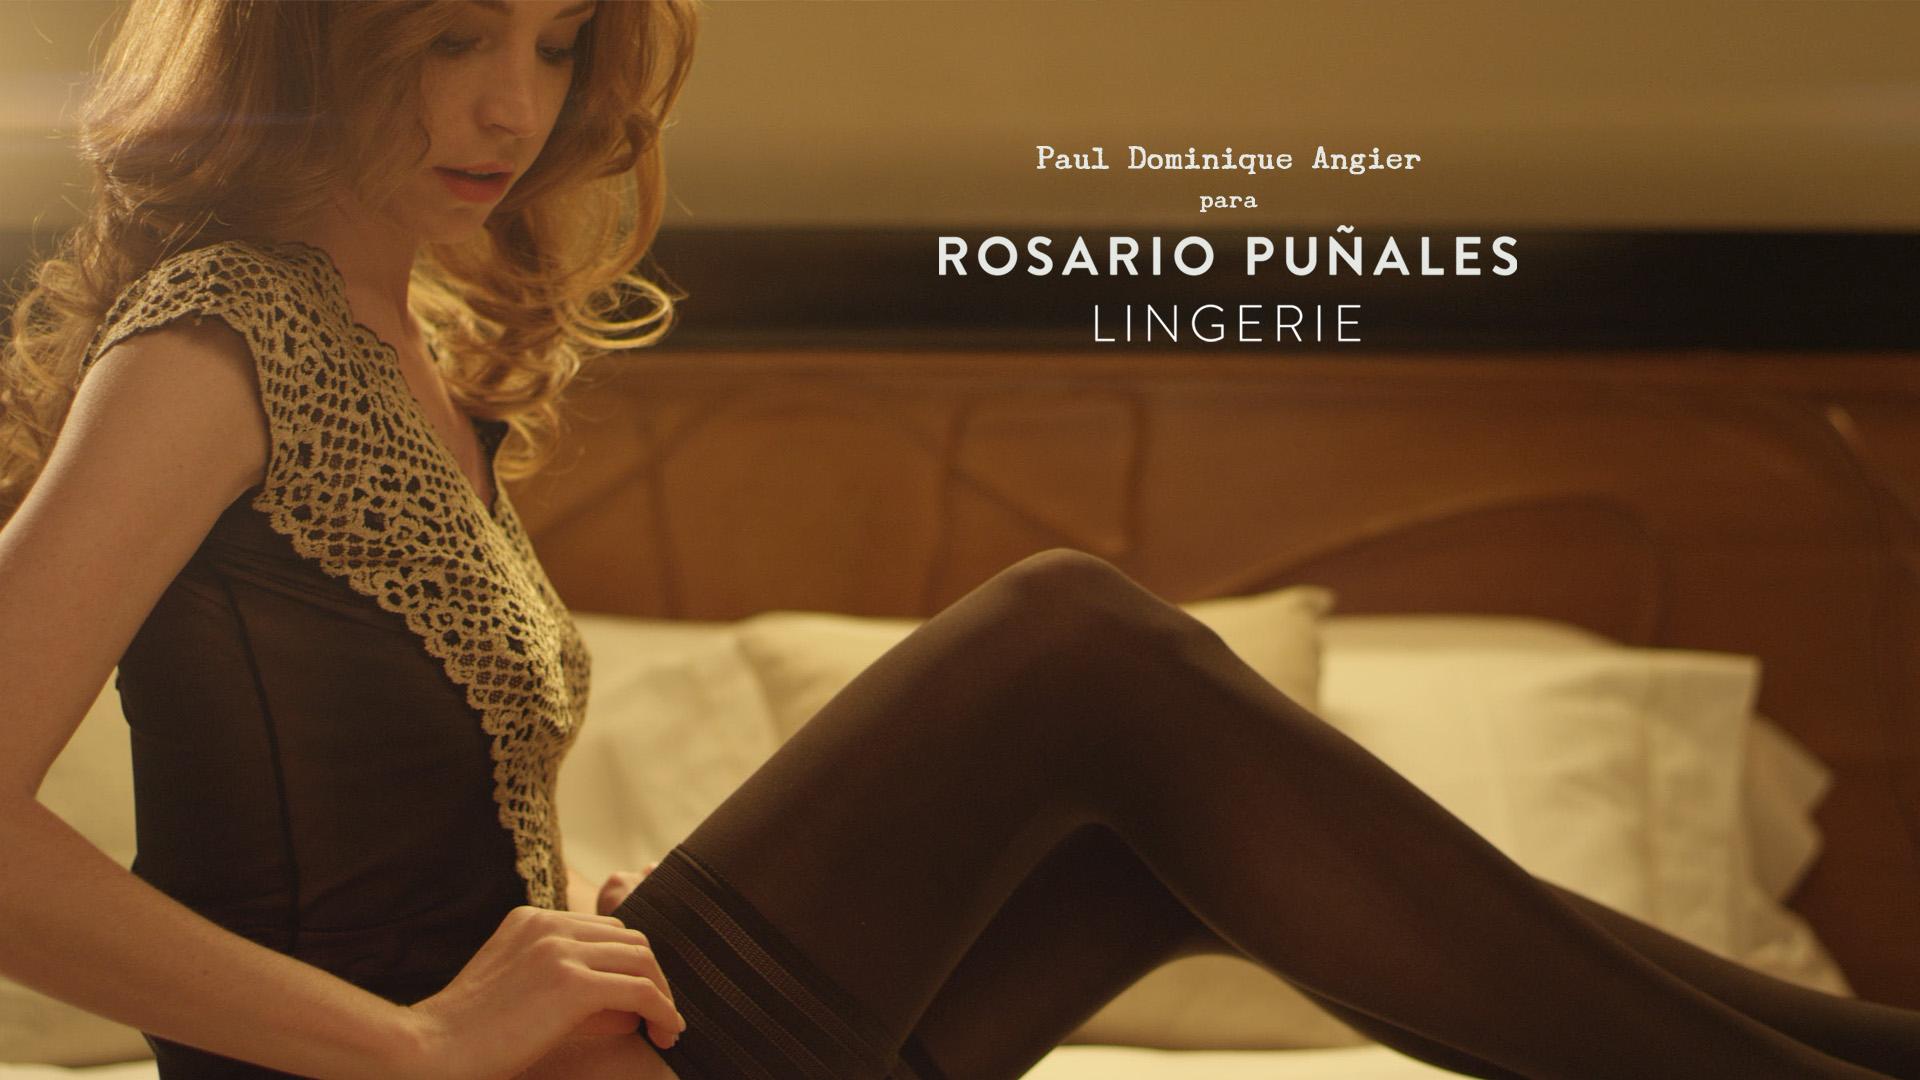 Rosario Puñales Lingerie